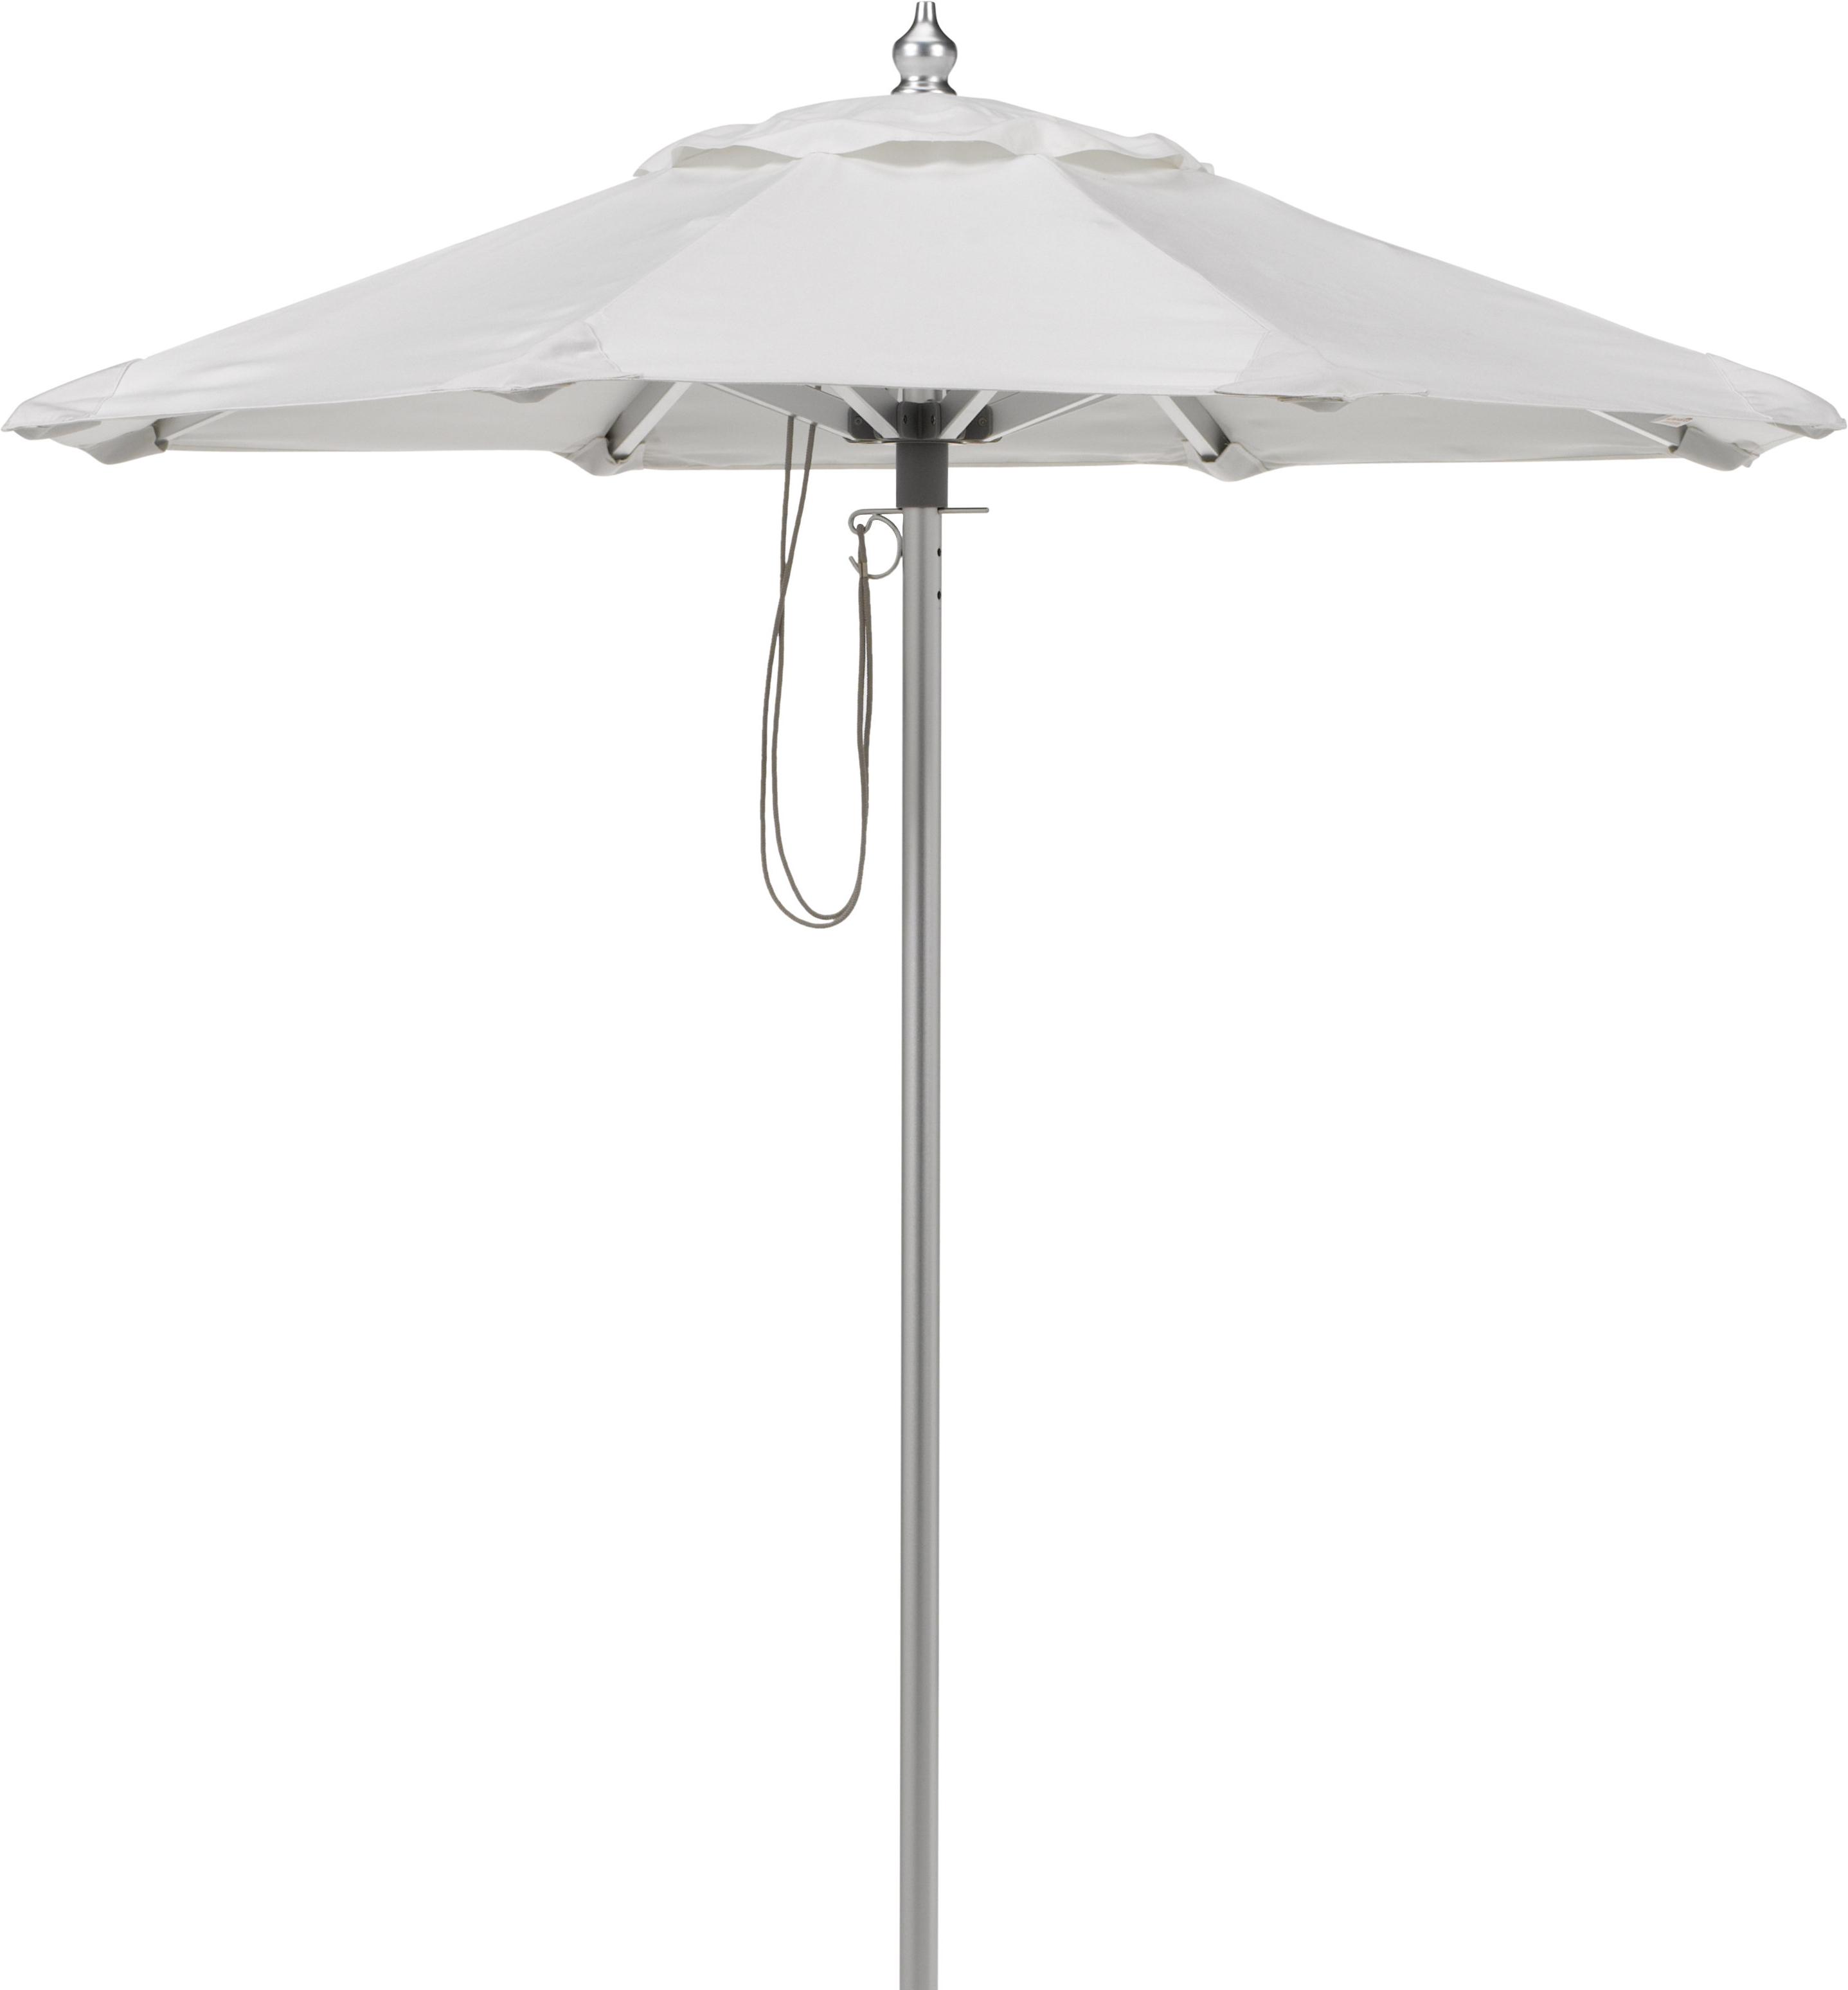 Pau Rectangular Market Umbrellas Regarding Popular Latitude Run Stambaugh 6' Market Umbrella (View 10 of 20)